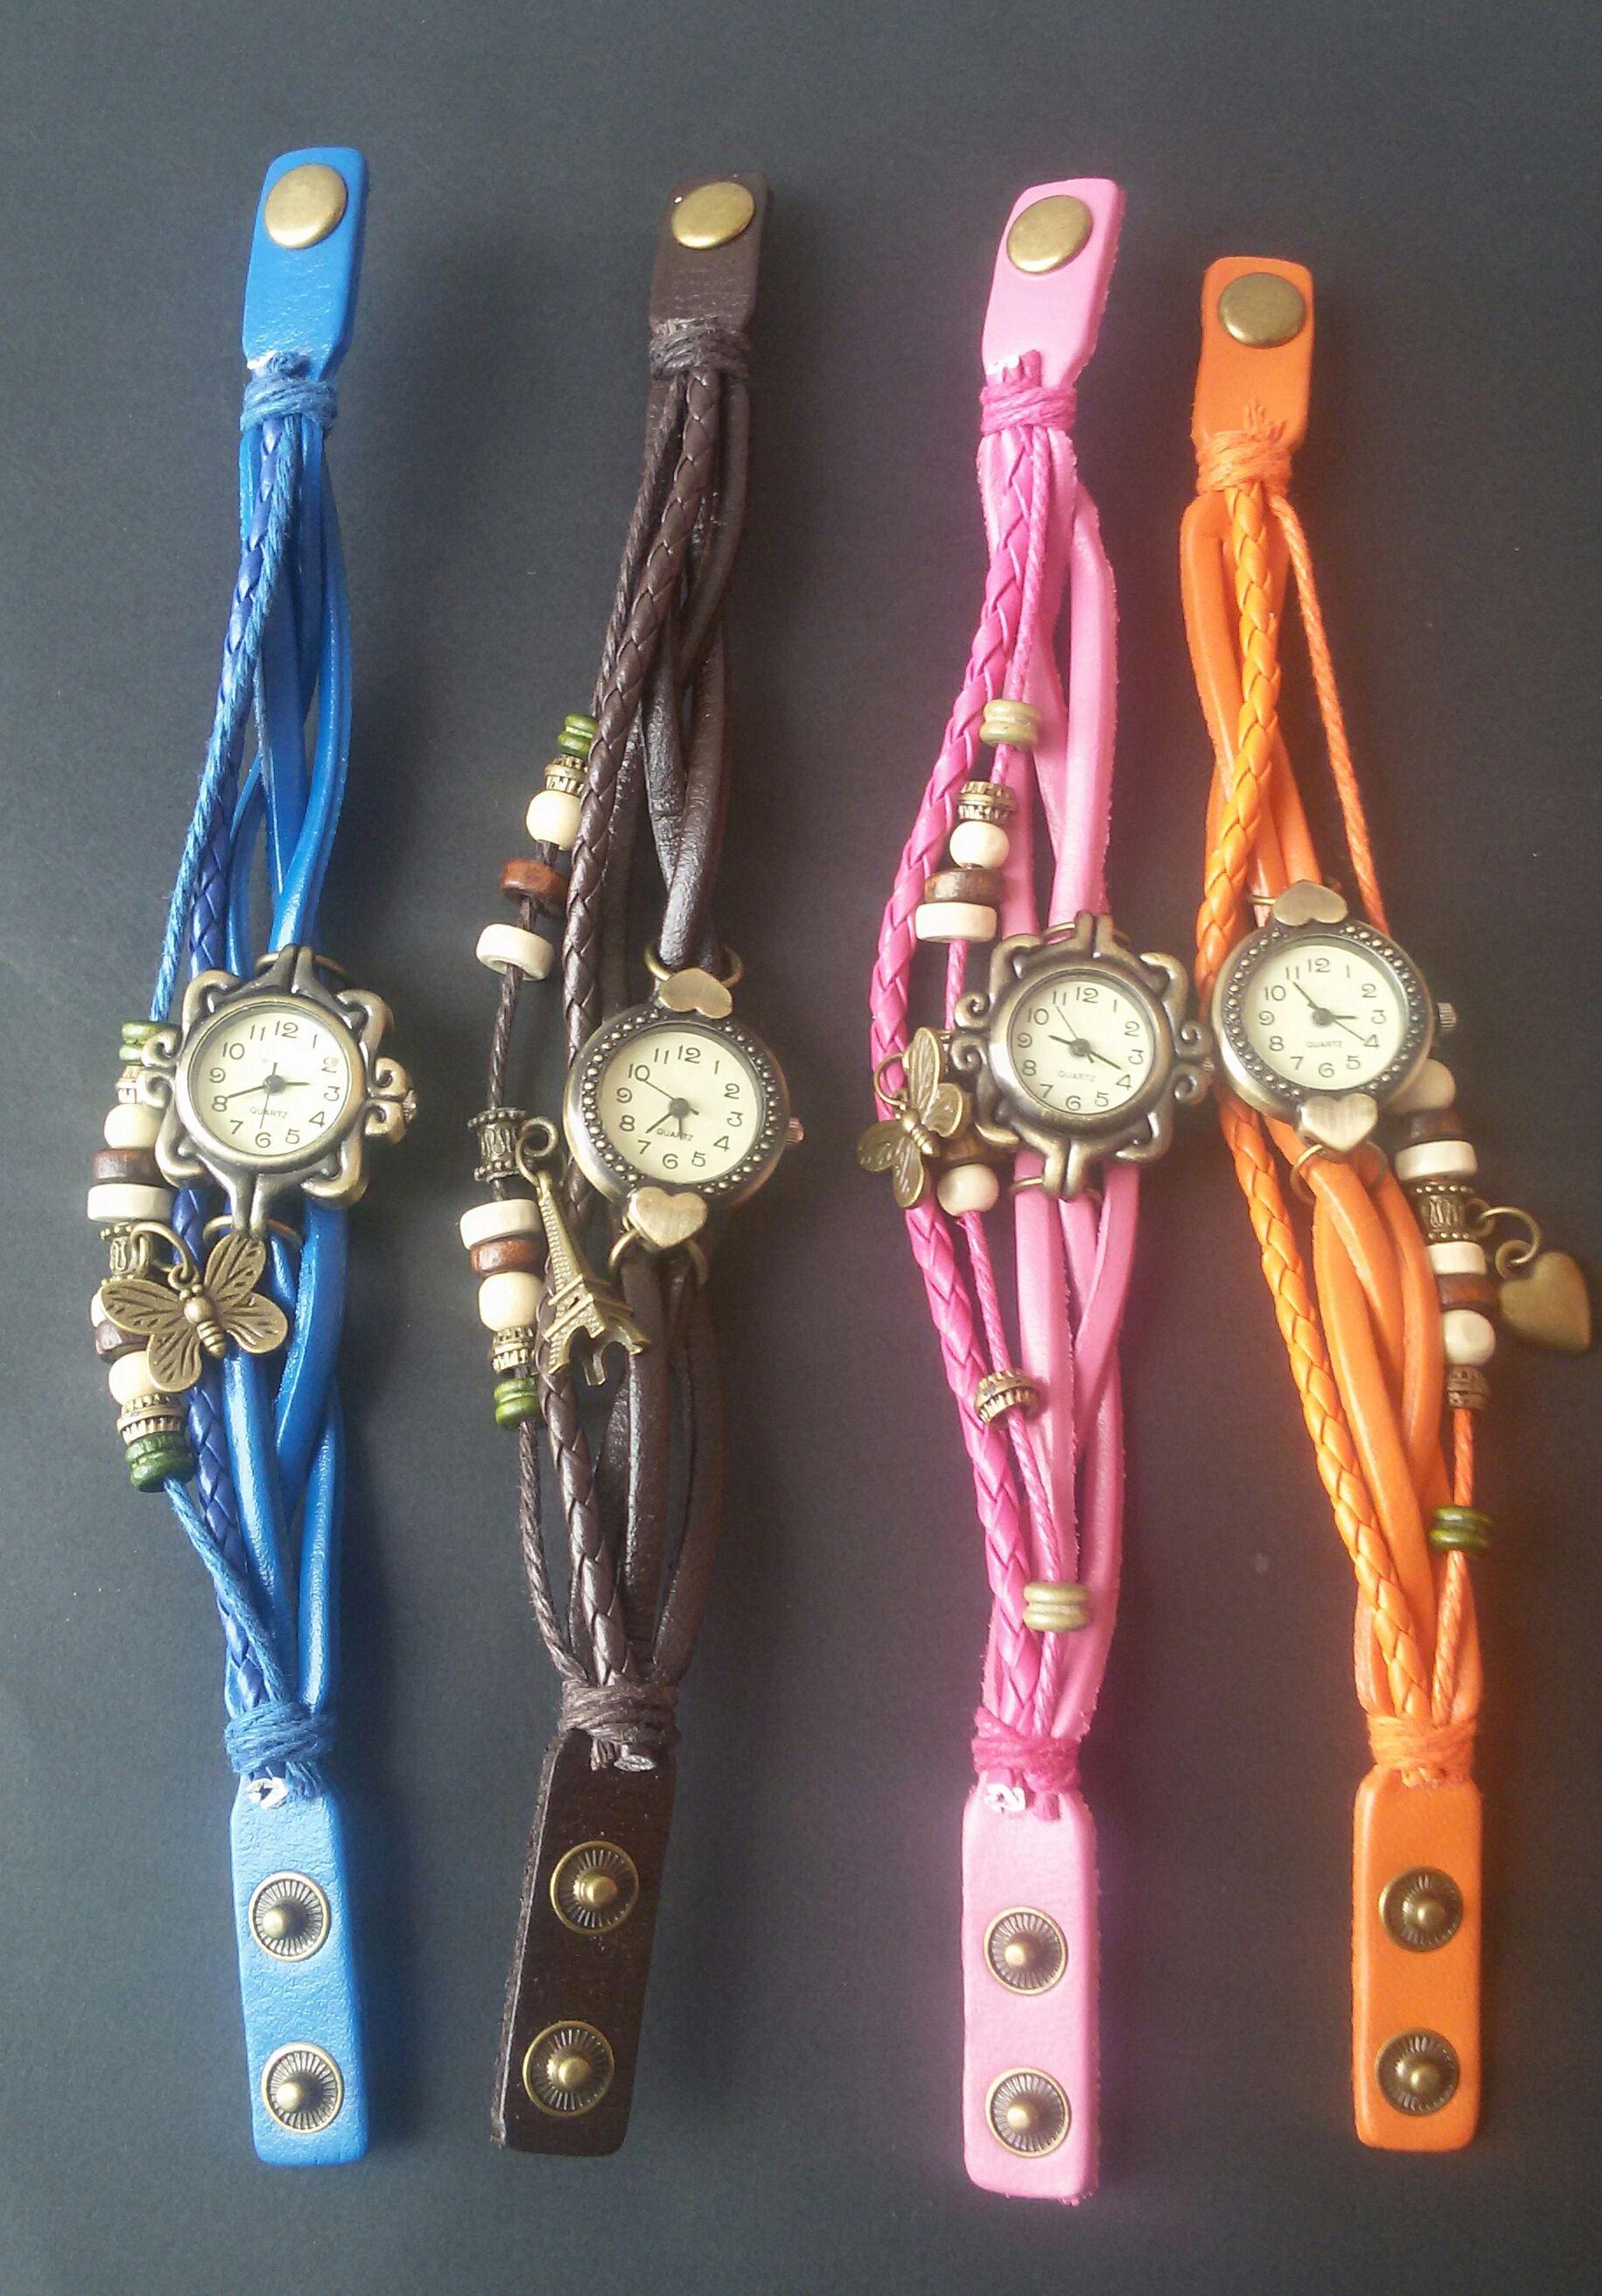 18b75418a62e Hermoso reloj pulsera de cuero para mujer, con colgante en cobre y ...